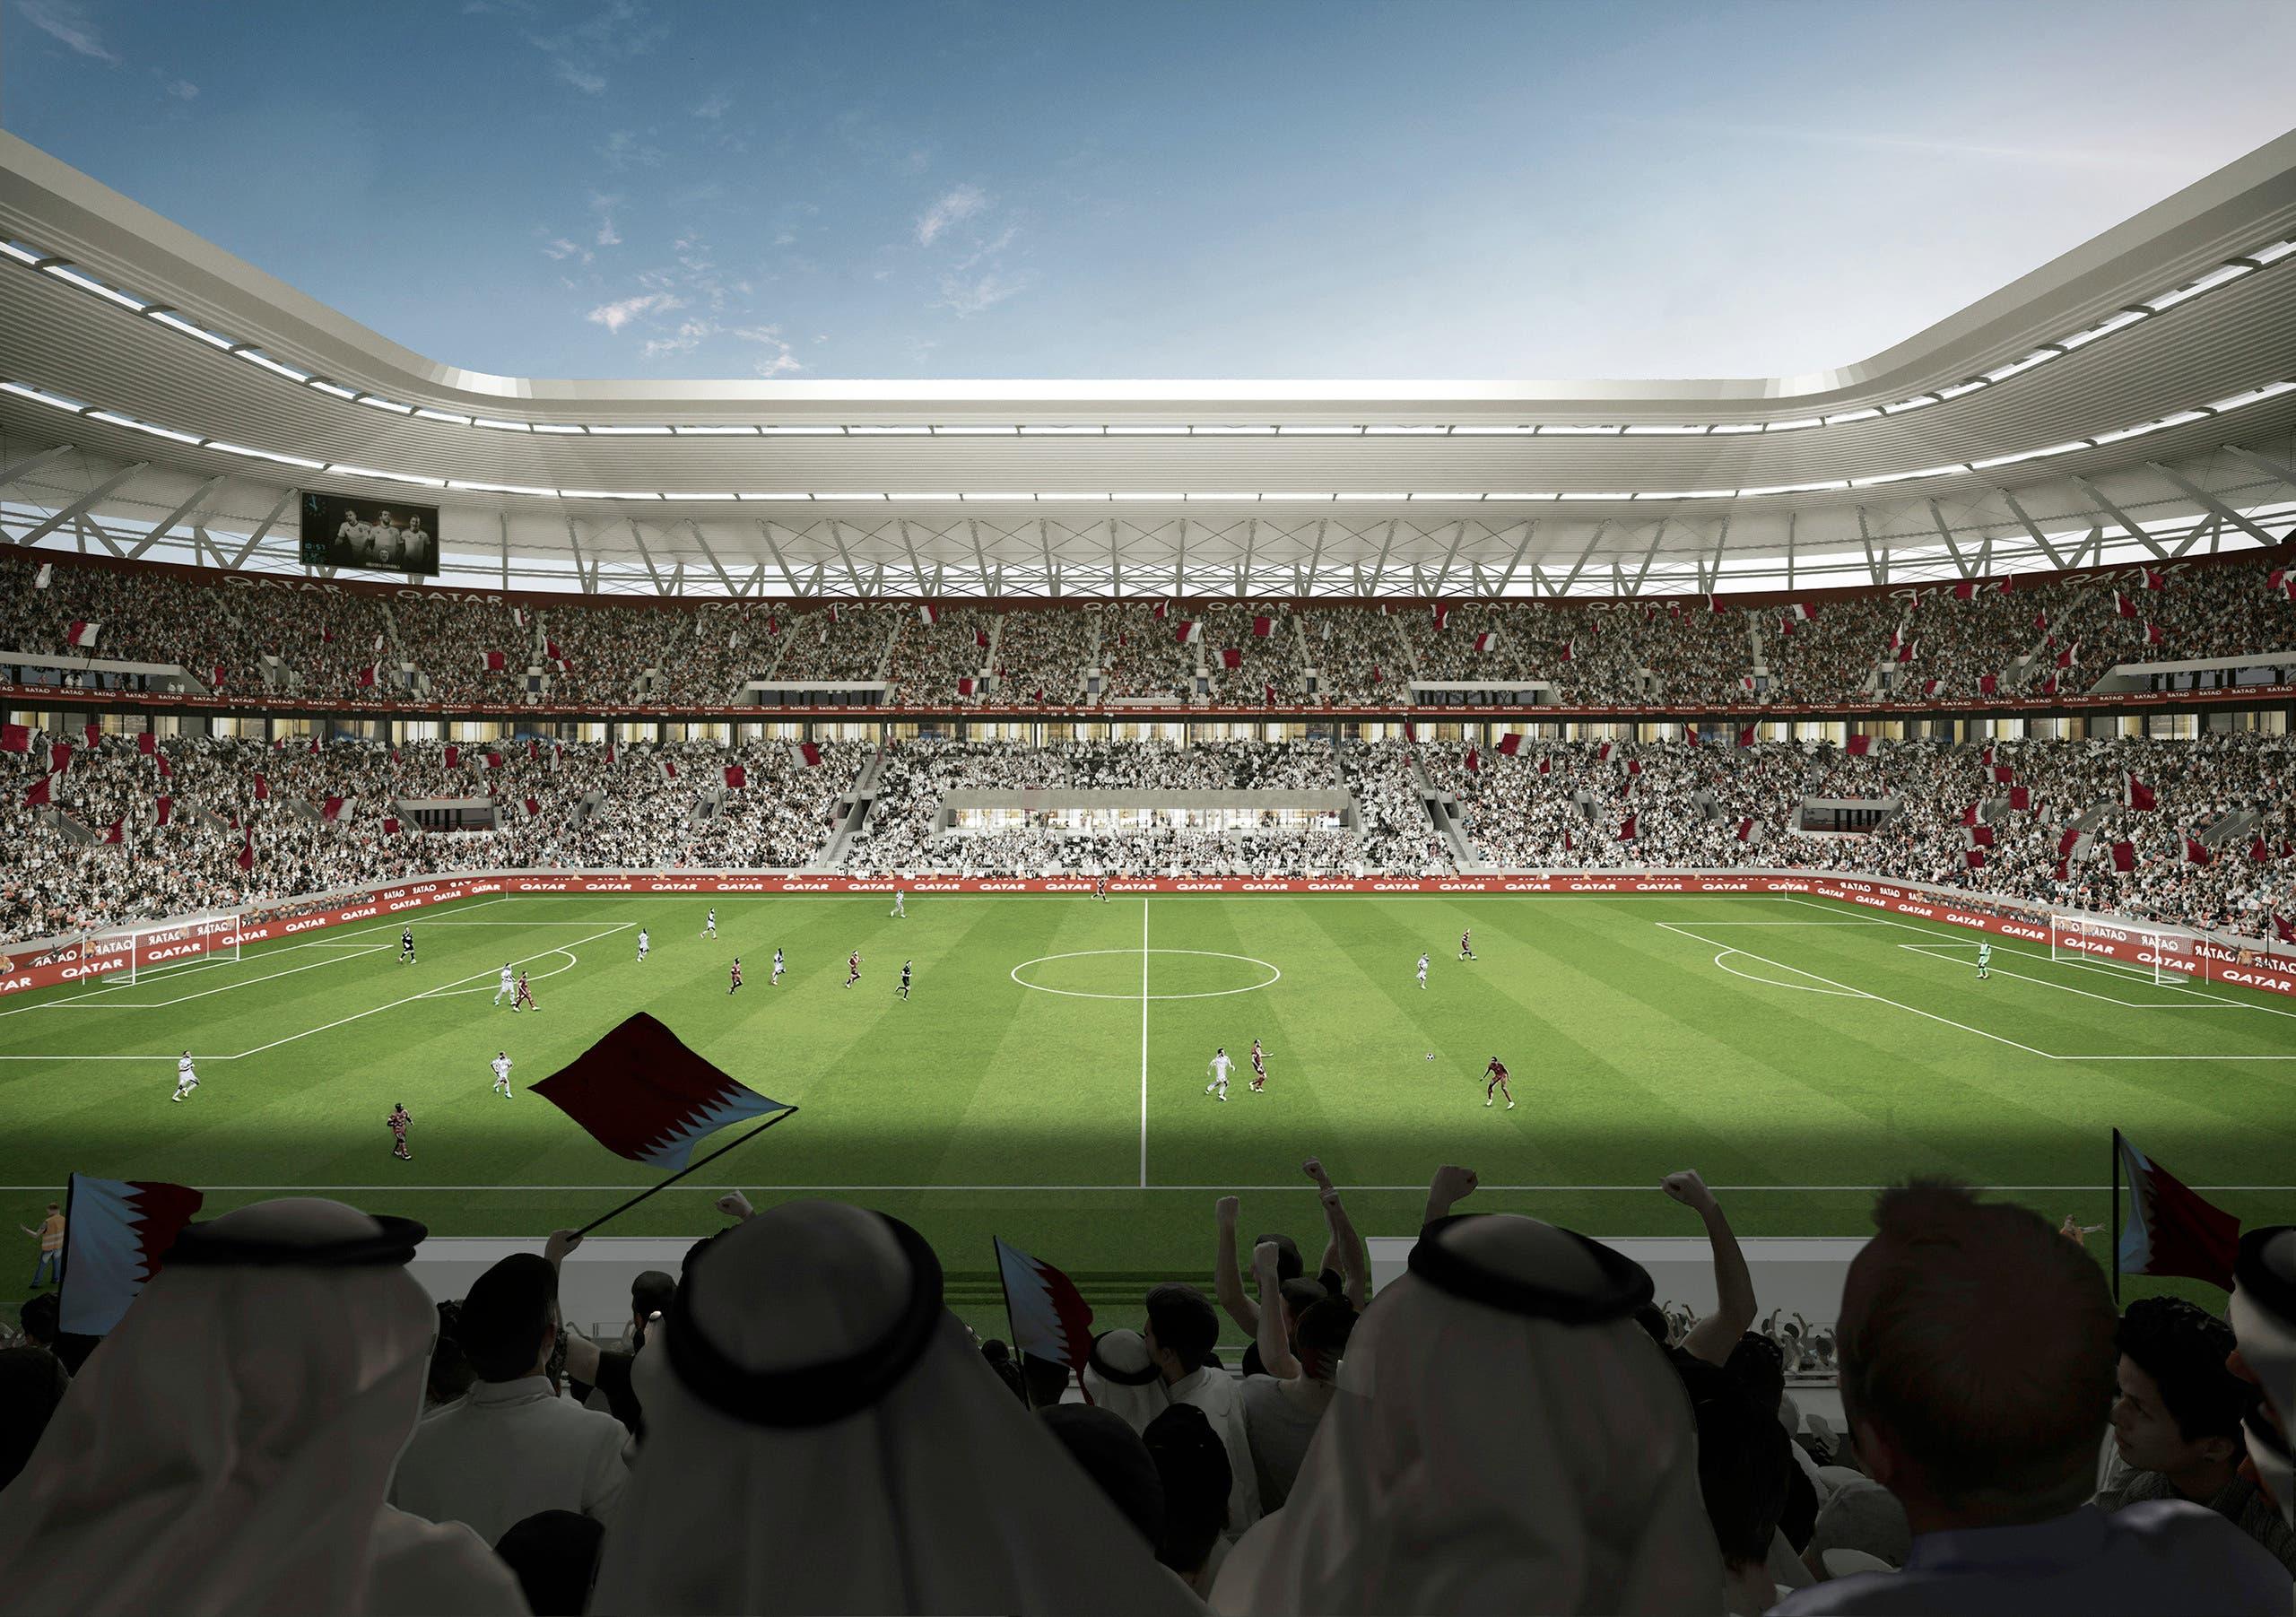 ملعب في الدوحة